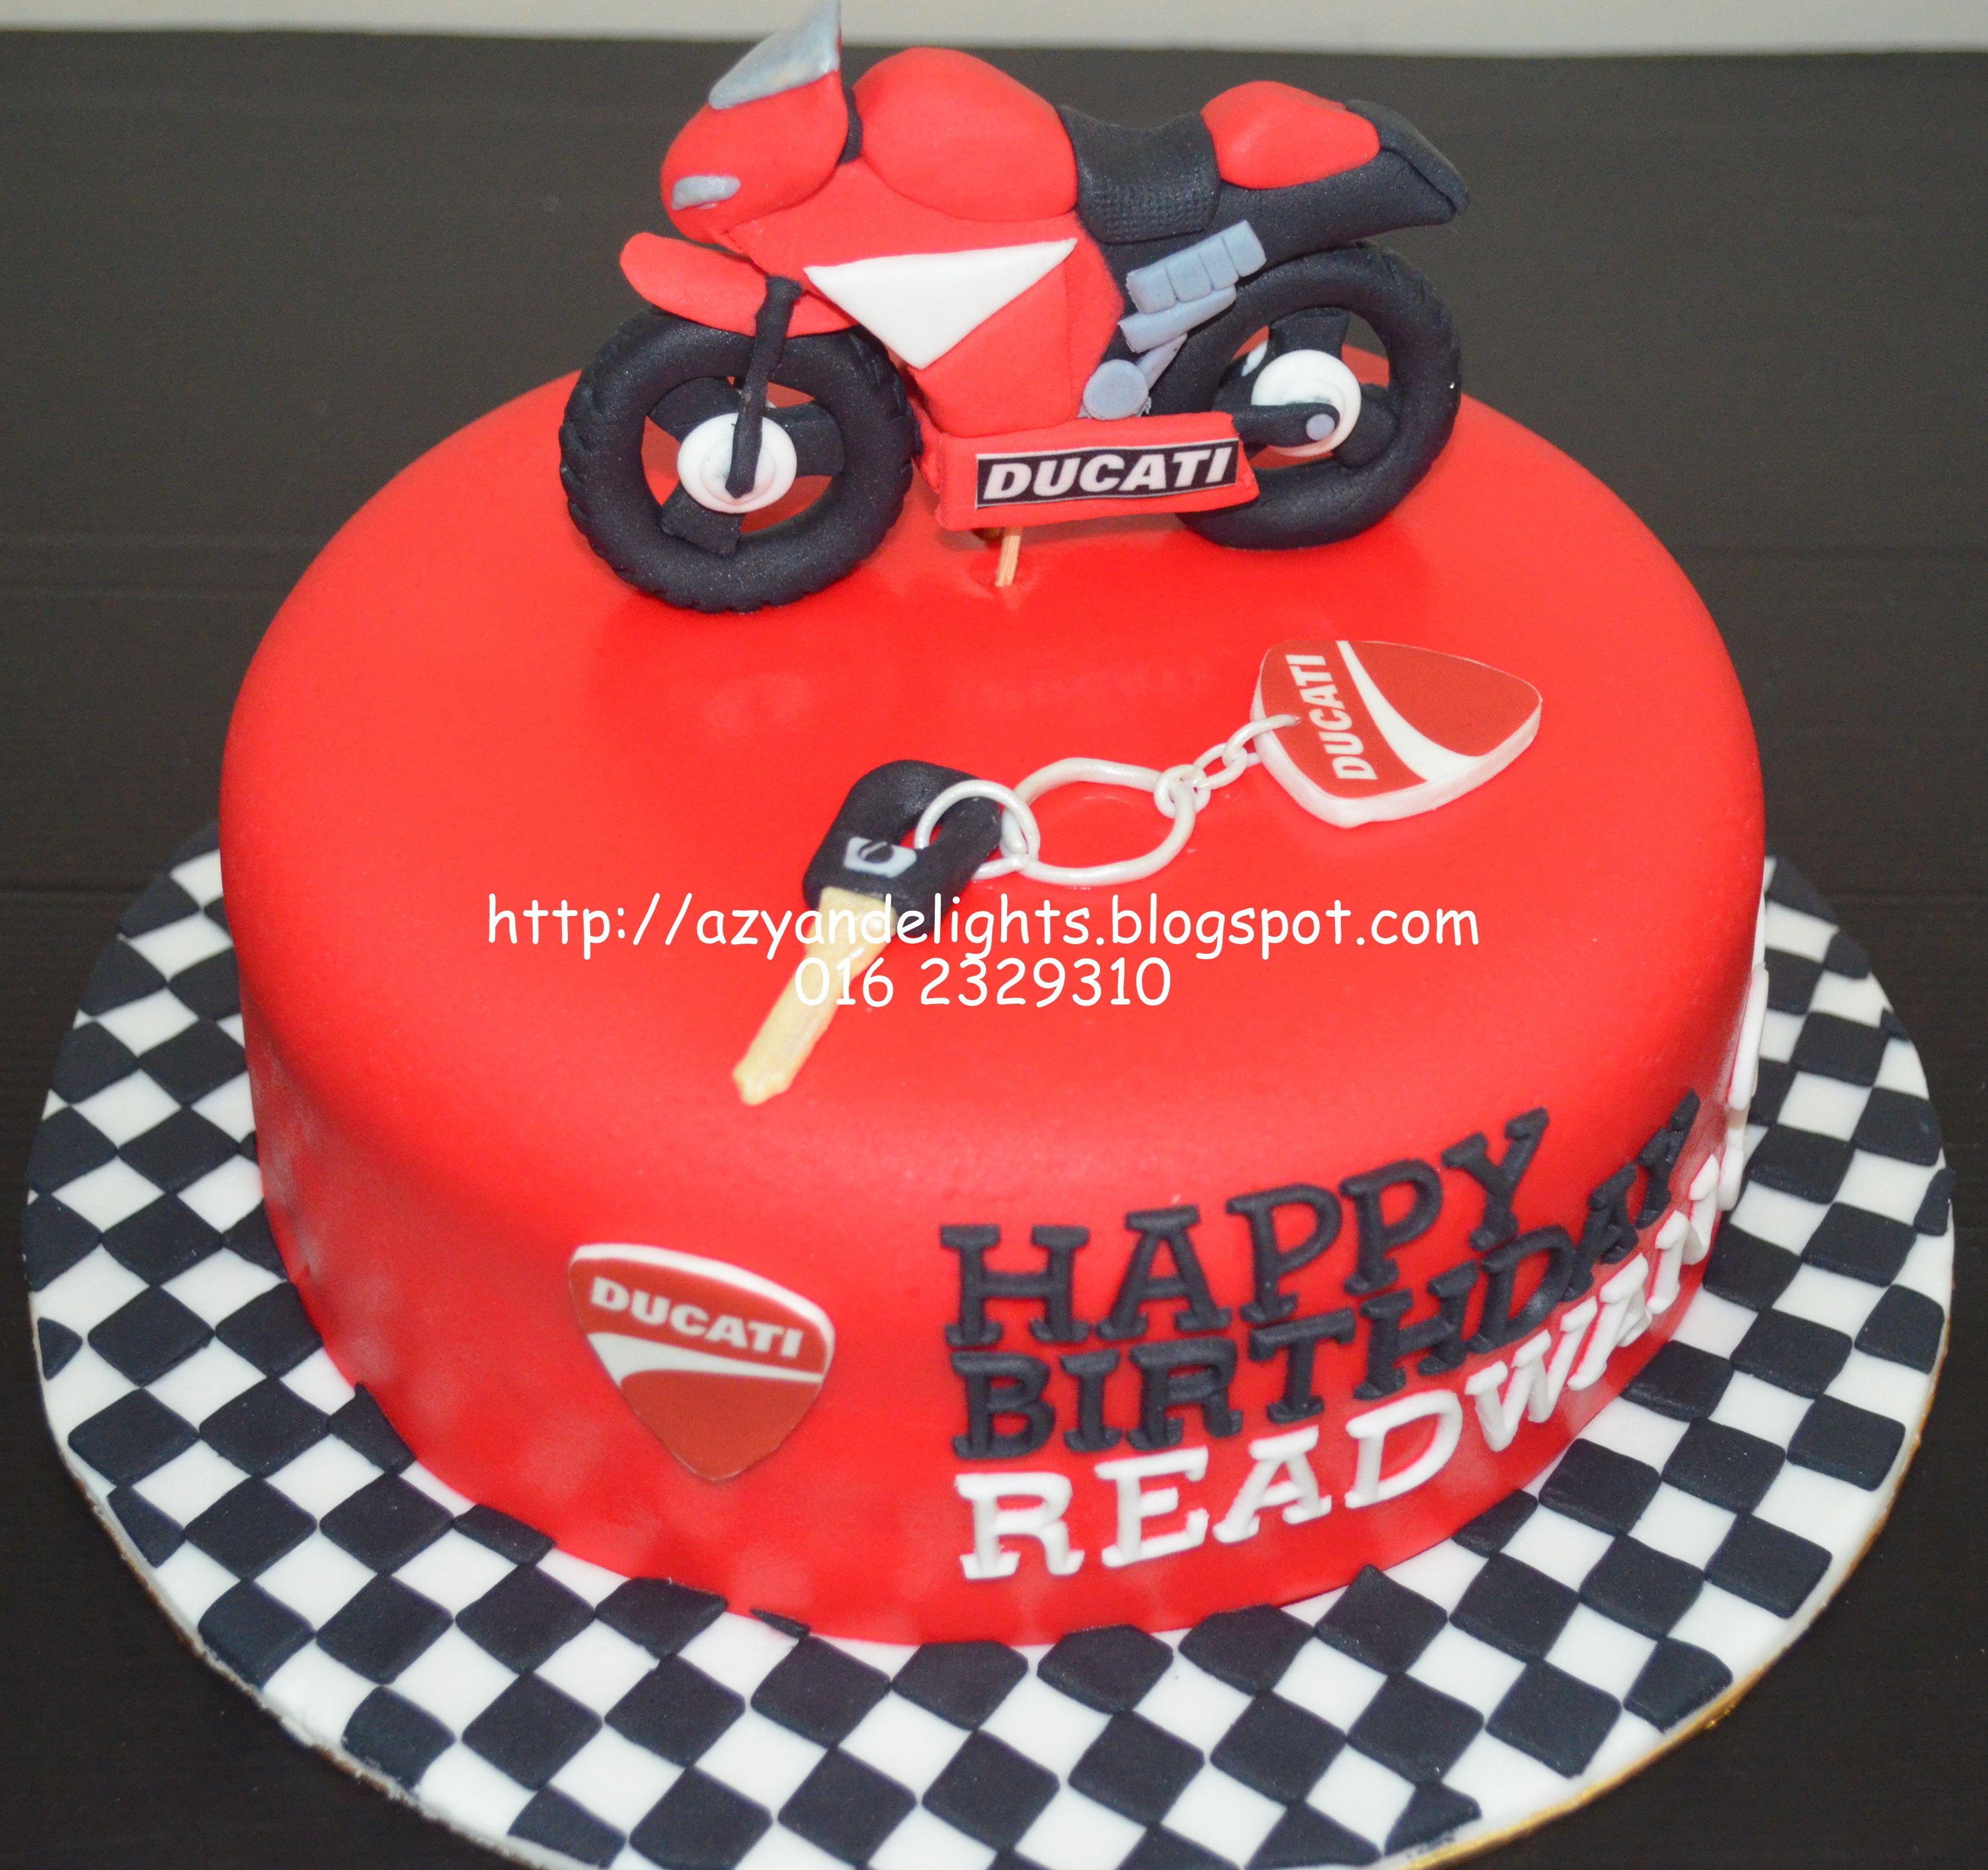 Fine Aprilia Cupcakes Motorcycle Birthday Cakes Motorbike Cake Bike Personalised Birthday Cards Epsylily Jamesorg